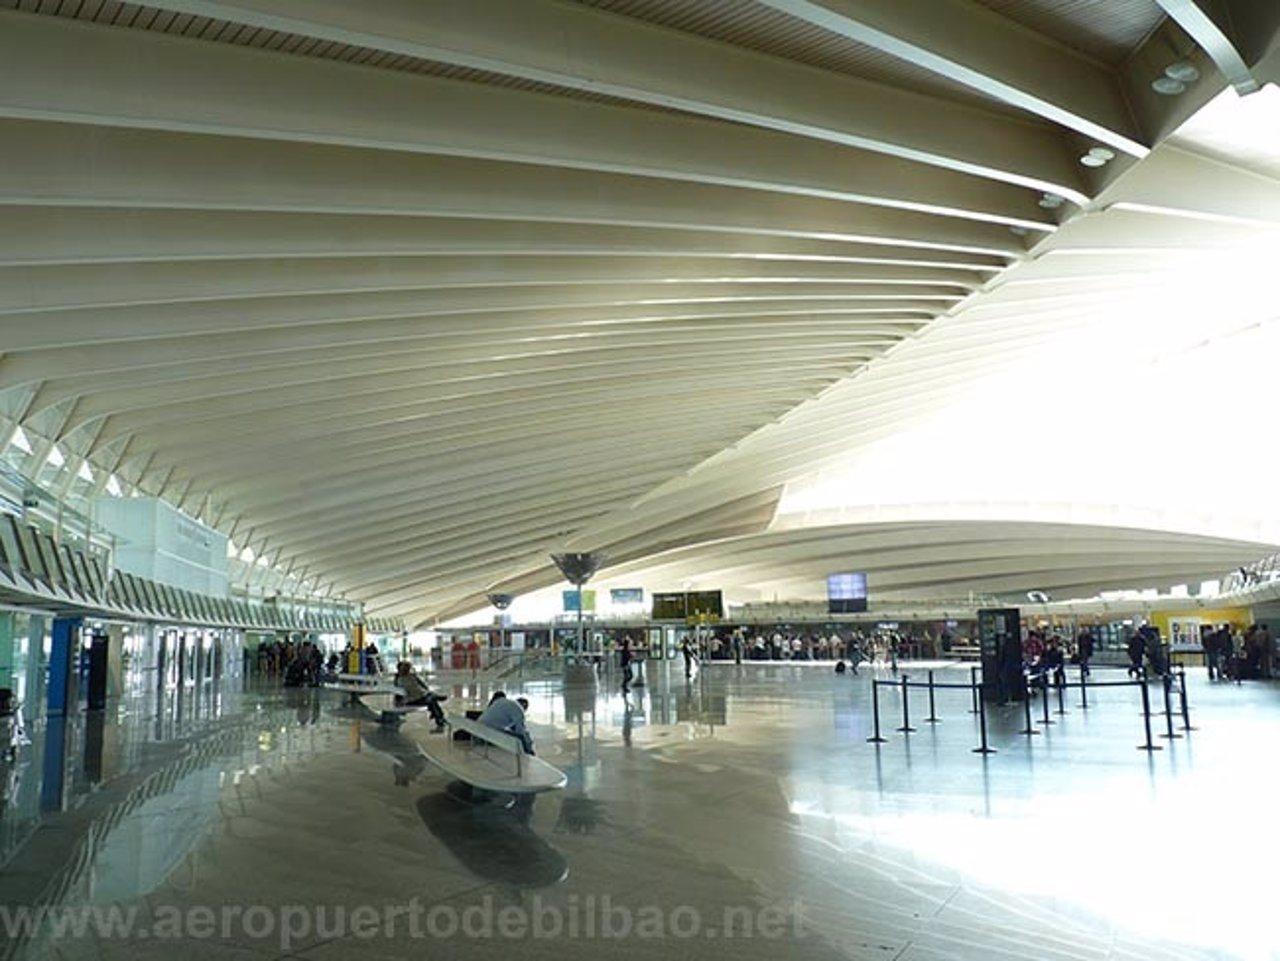 Aeroporto Bilbao : El aeropuerto de bilbao aumentó un sus pasajeros en enero